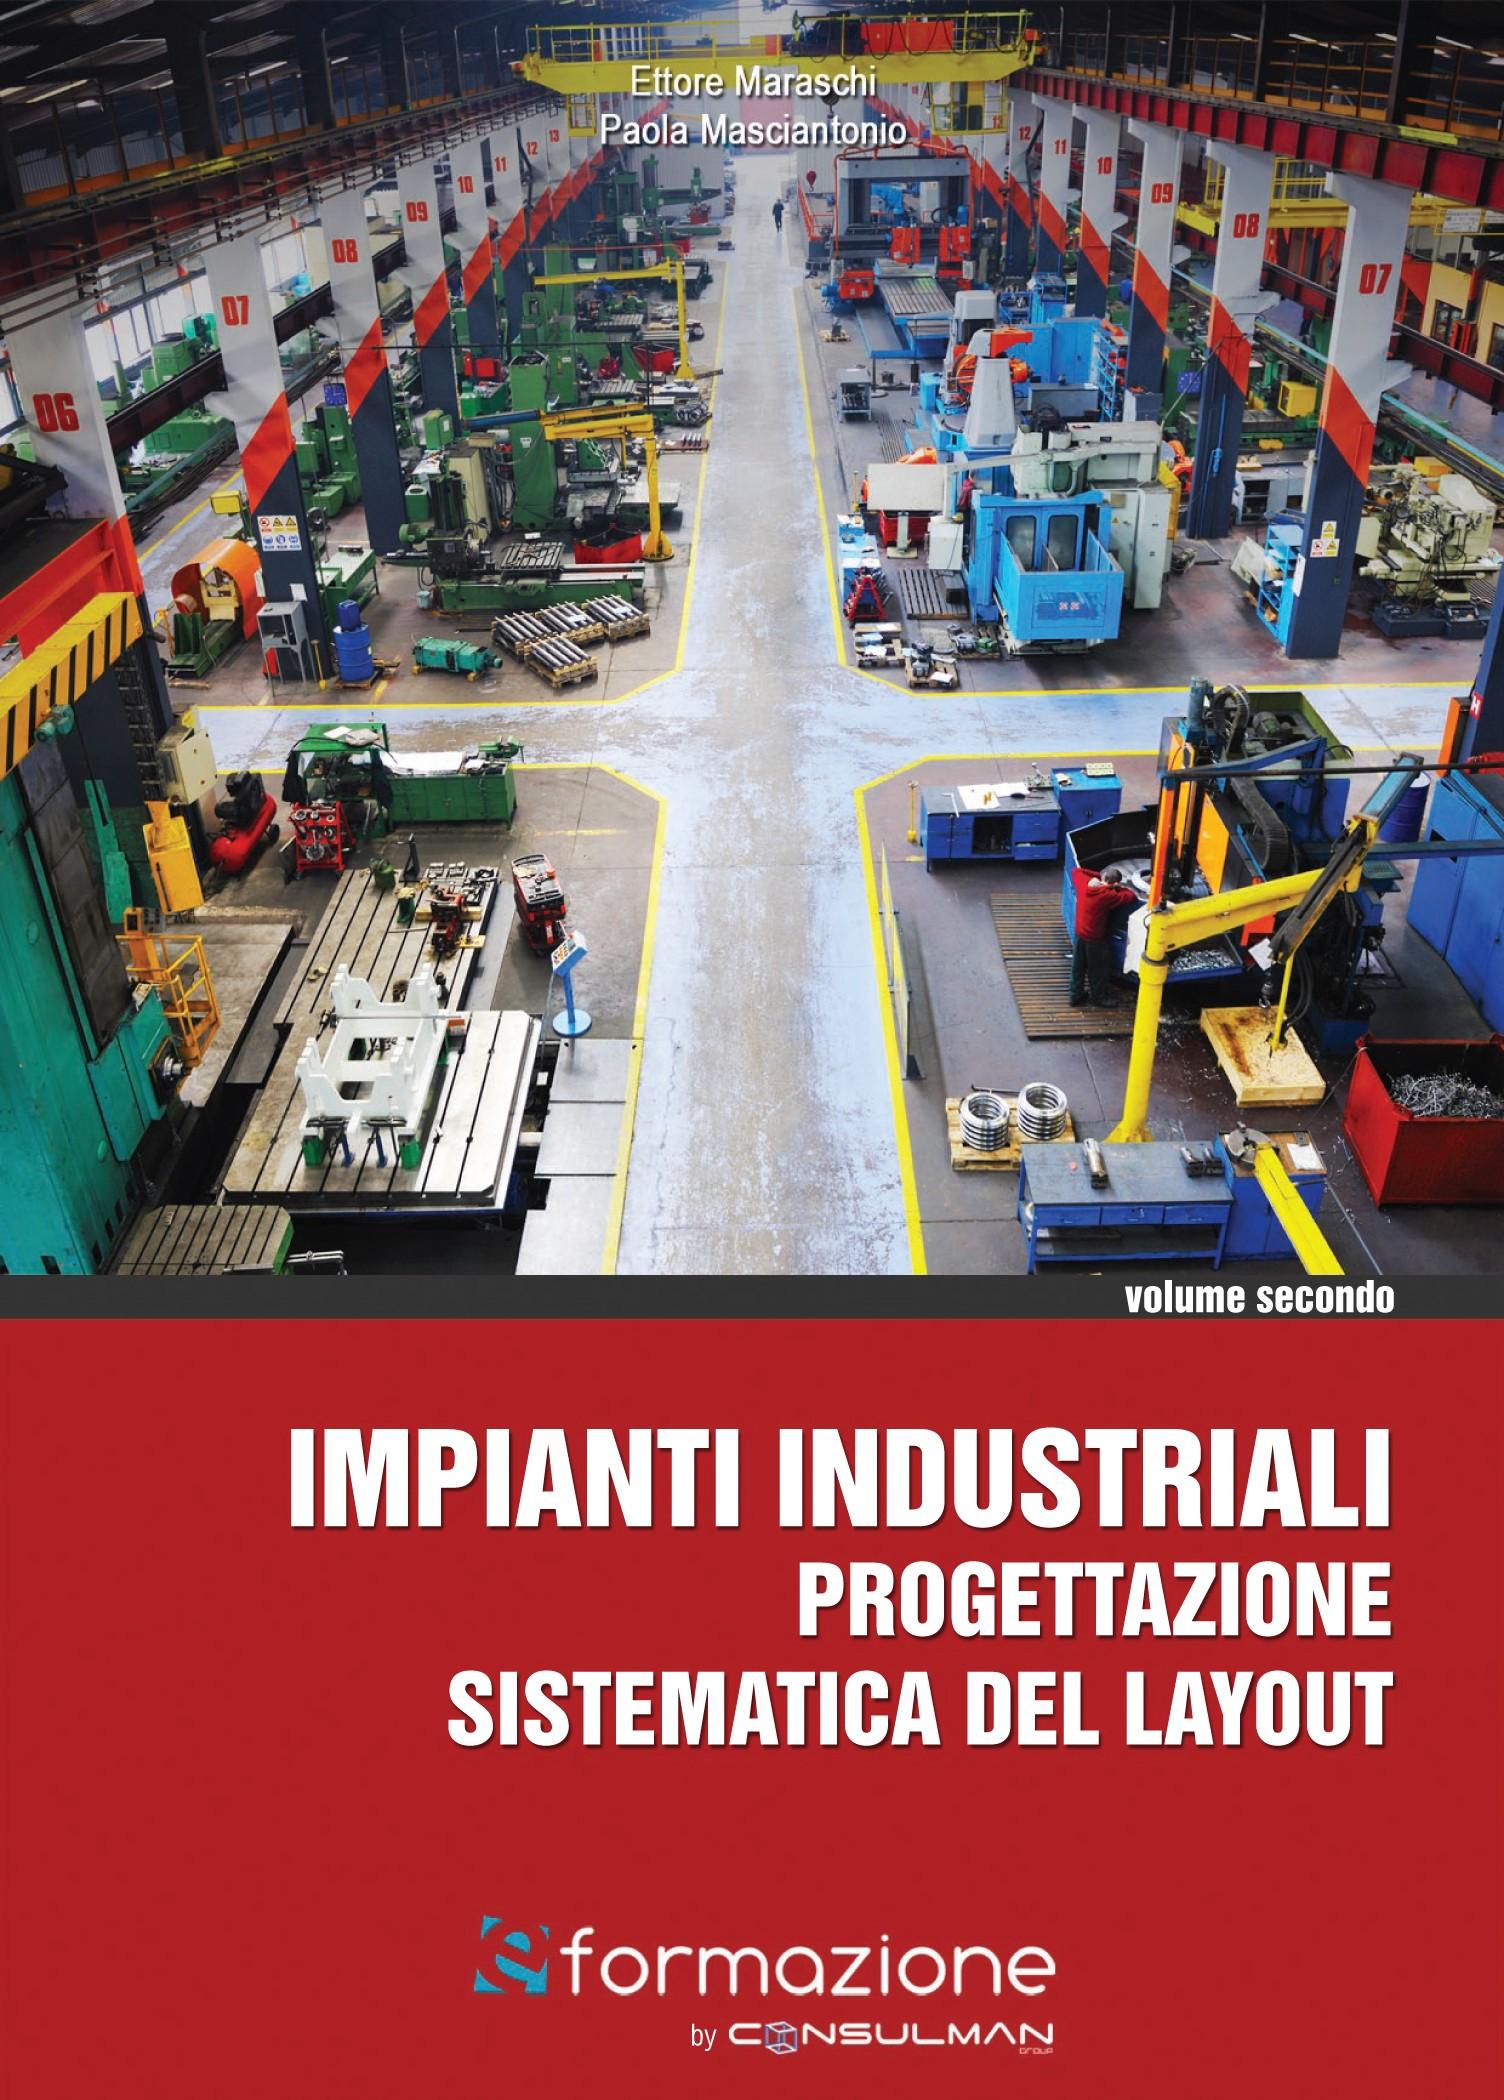 Impianti industriali progettazione sistematica del layout for Progettazione del layout del pavimento